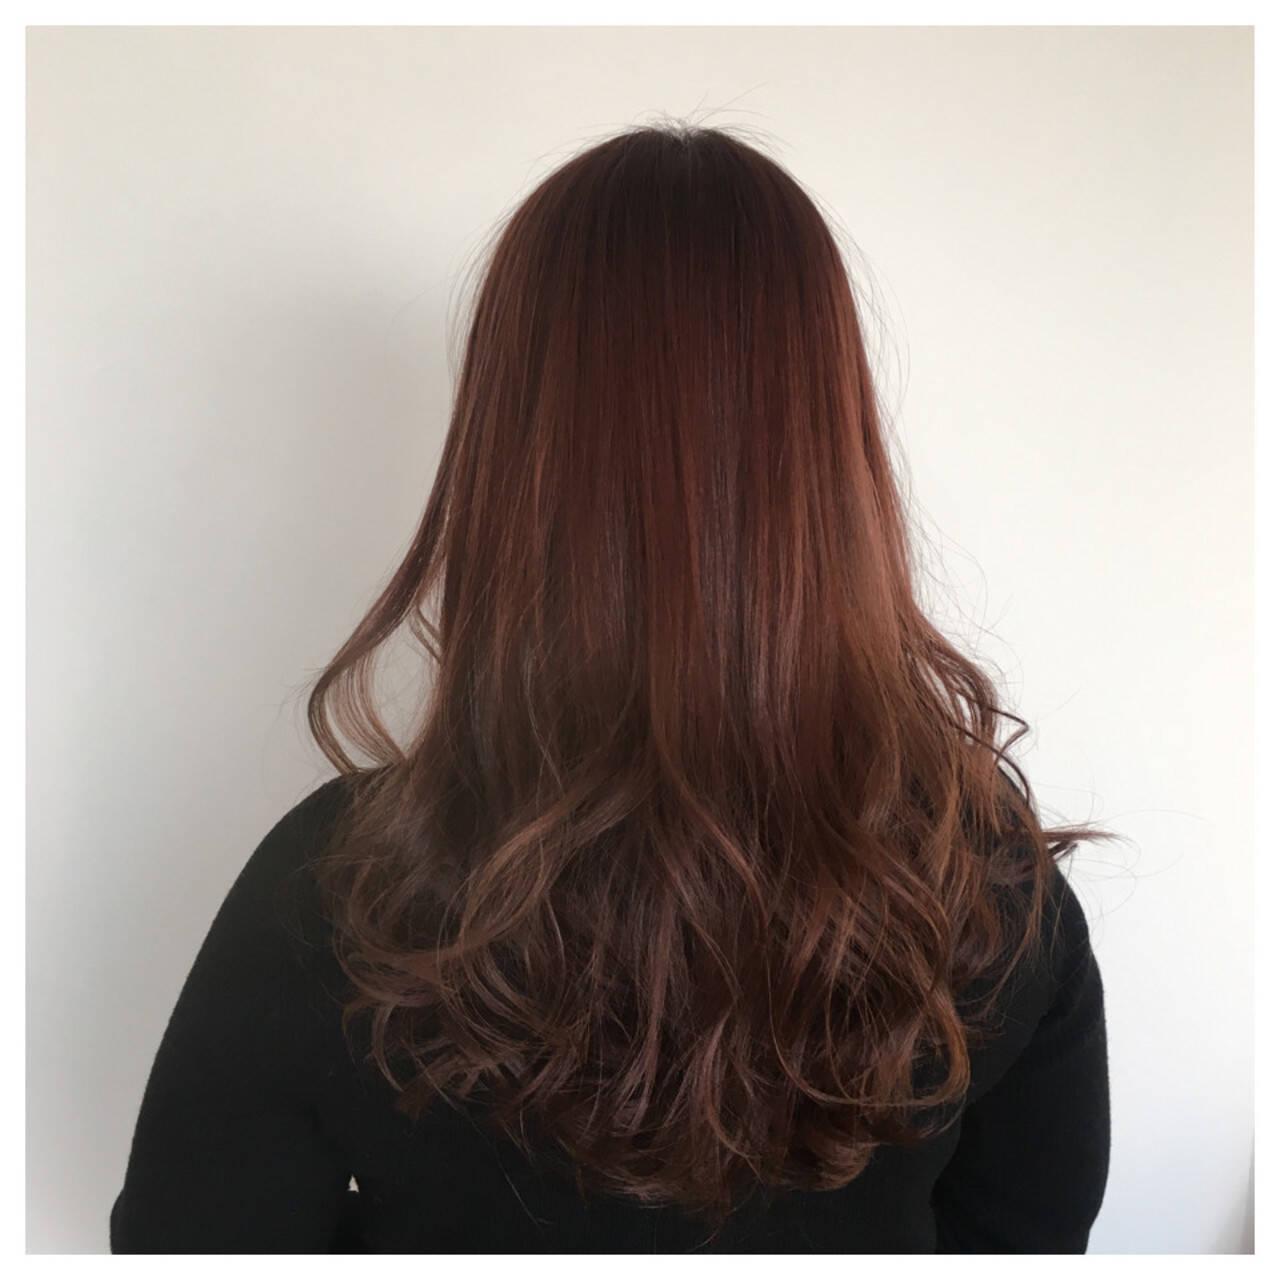 ラベンダーピンク ロング ラベンダー ピンクヘアスタイルや髪型の写真・画像